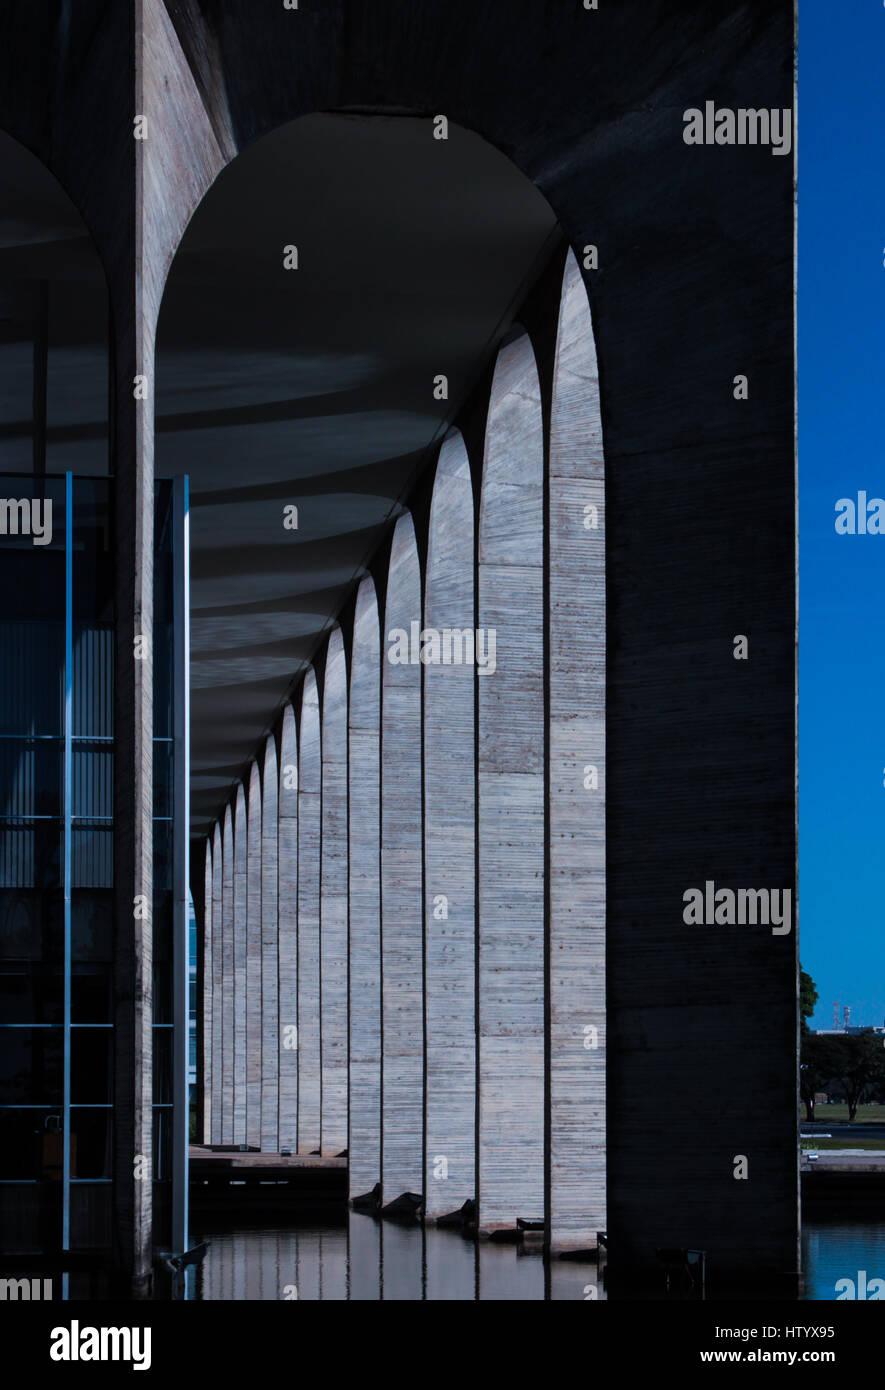 Detalle de las columnas del Palacio de Itamaraty, también conocido como Palacio de los Arcos - Relaciones Exteriores del Brasil, Brasilia, DF. Foto de stock